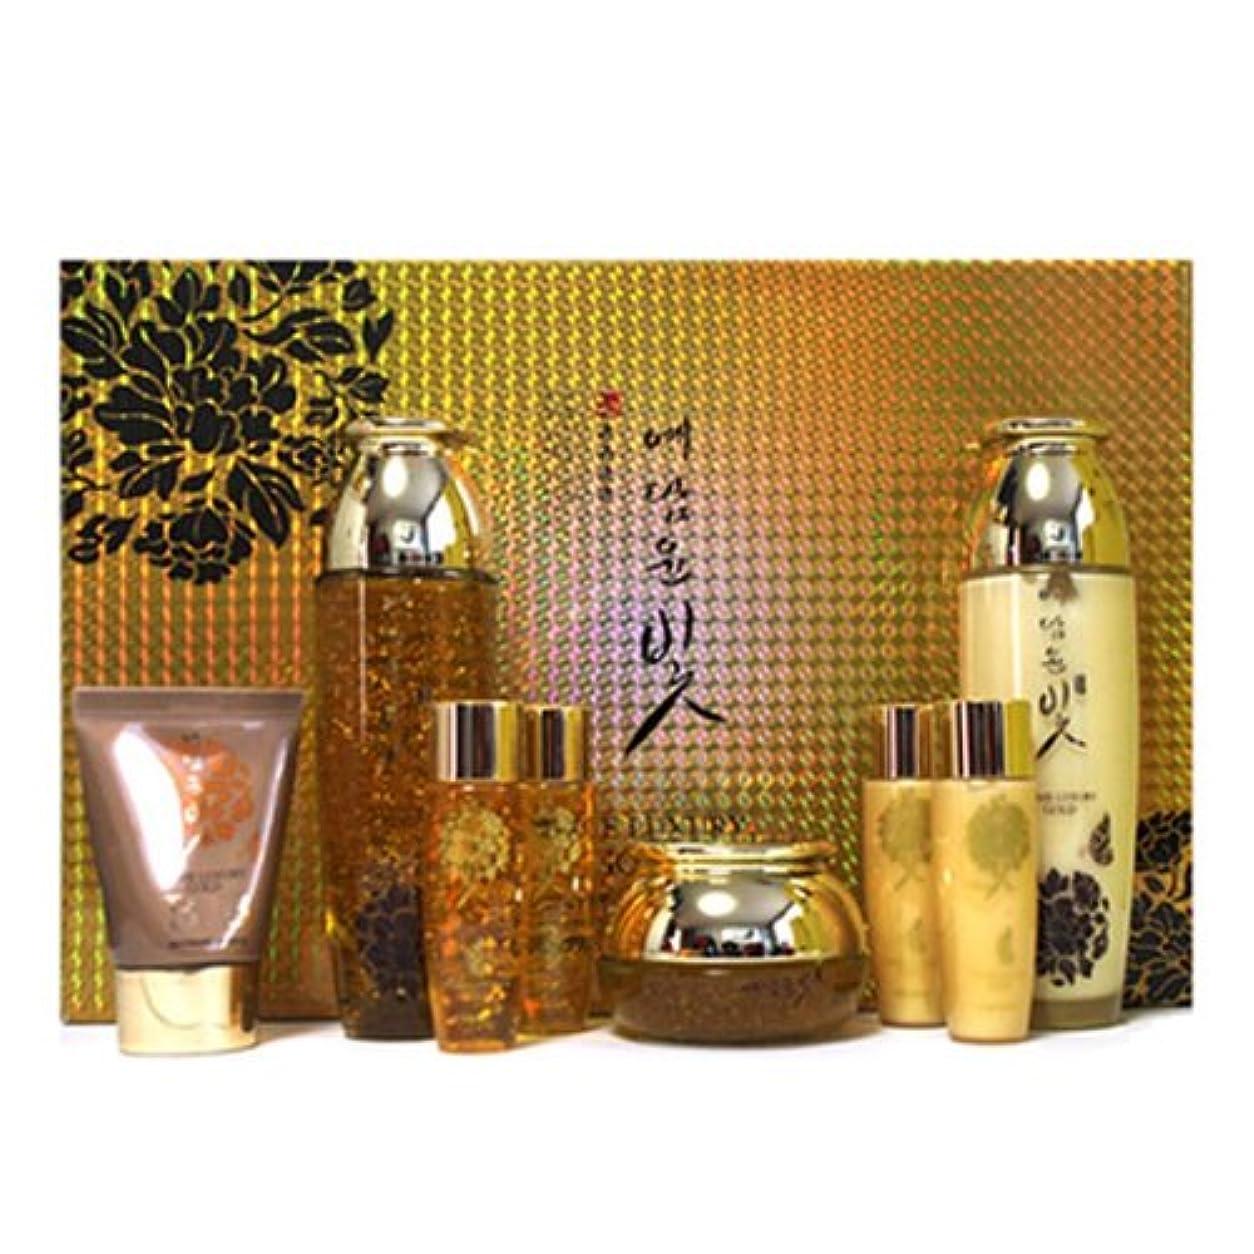 枯れる痛み雪だるまイェダムユンビト[韓国コスメYedam Yun Bit]Prime Luxury Gold Skin Care Set プライムラグジュアリーゴールドスキンケア4セット 樹液 乳液 クリーム/ BBクリーム [並行輸入品]